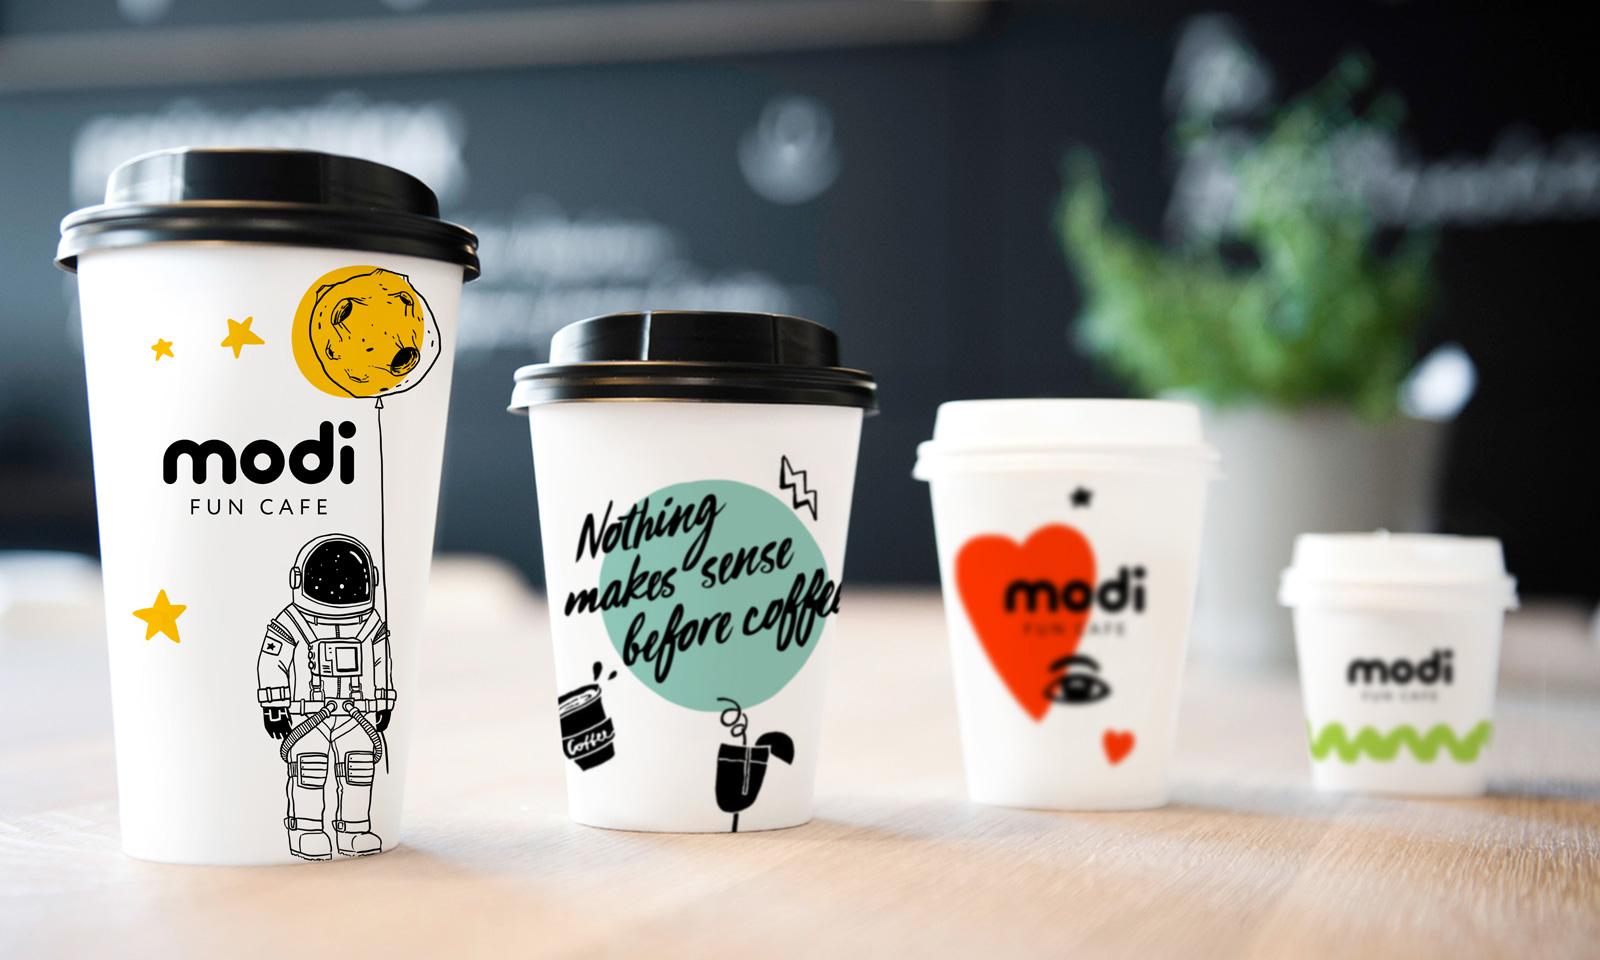 Modi Fun Cafe легко узнать по элементам фирменного стиля, которые вы найдете в пространстве бренда, дизайне упаковок, чашек и других элементов